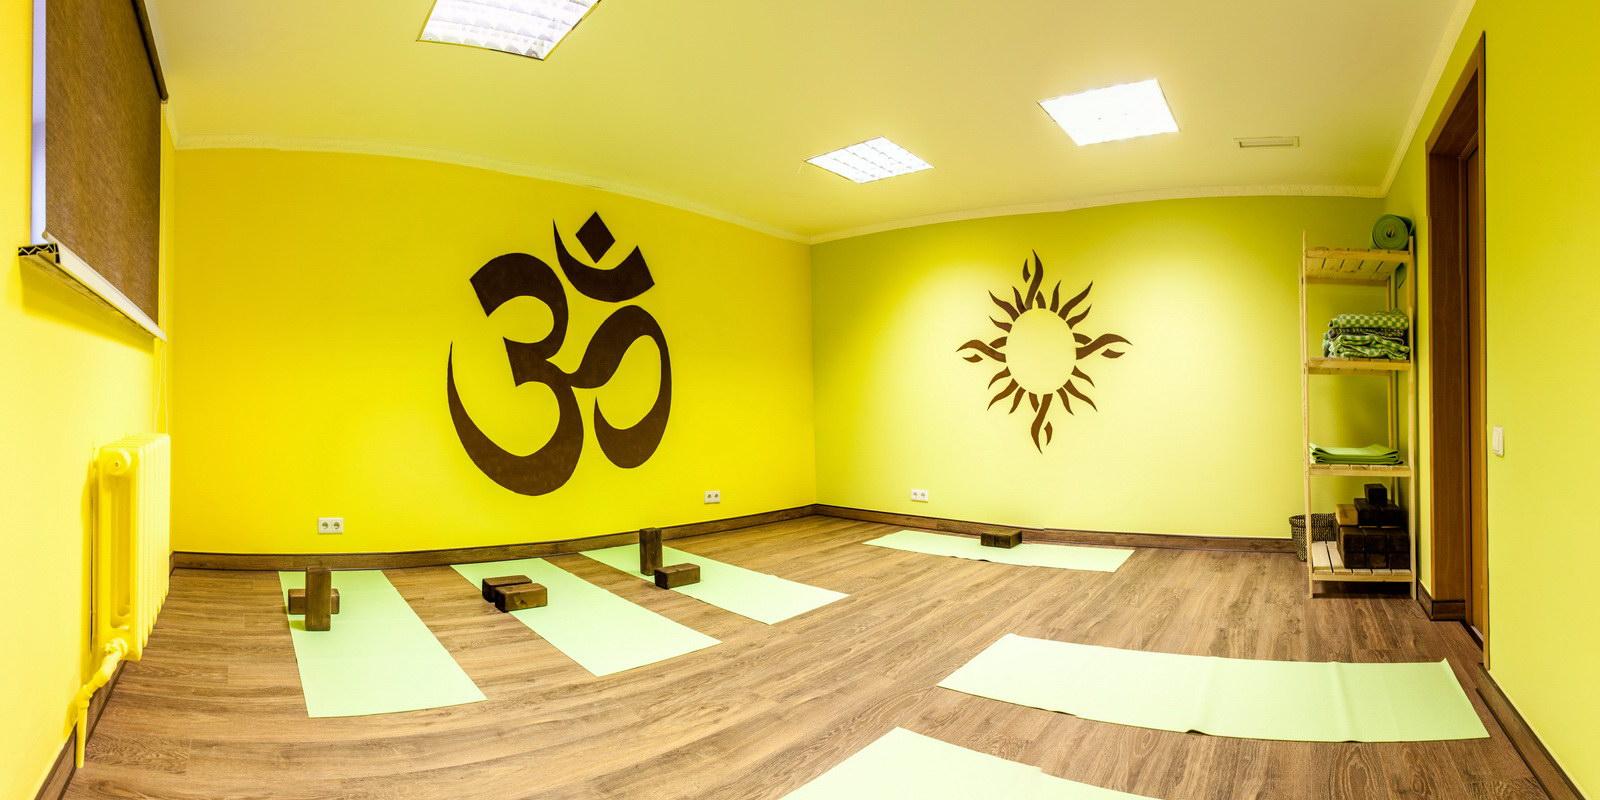 Студия йоги в Казани на ул. Сибгата Хакима 5а